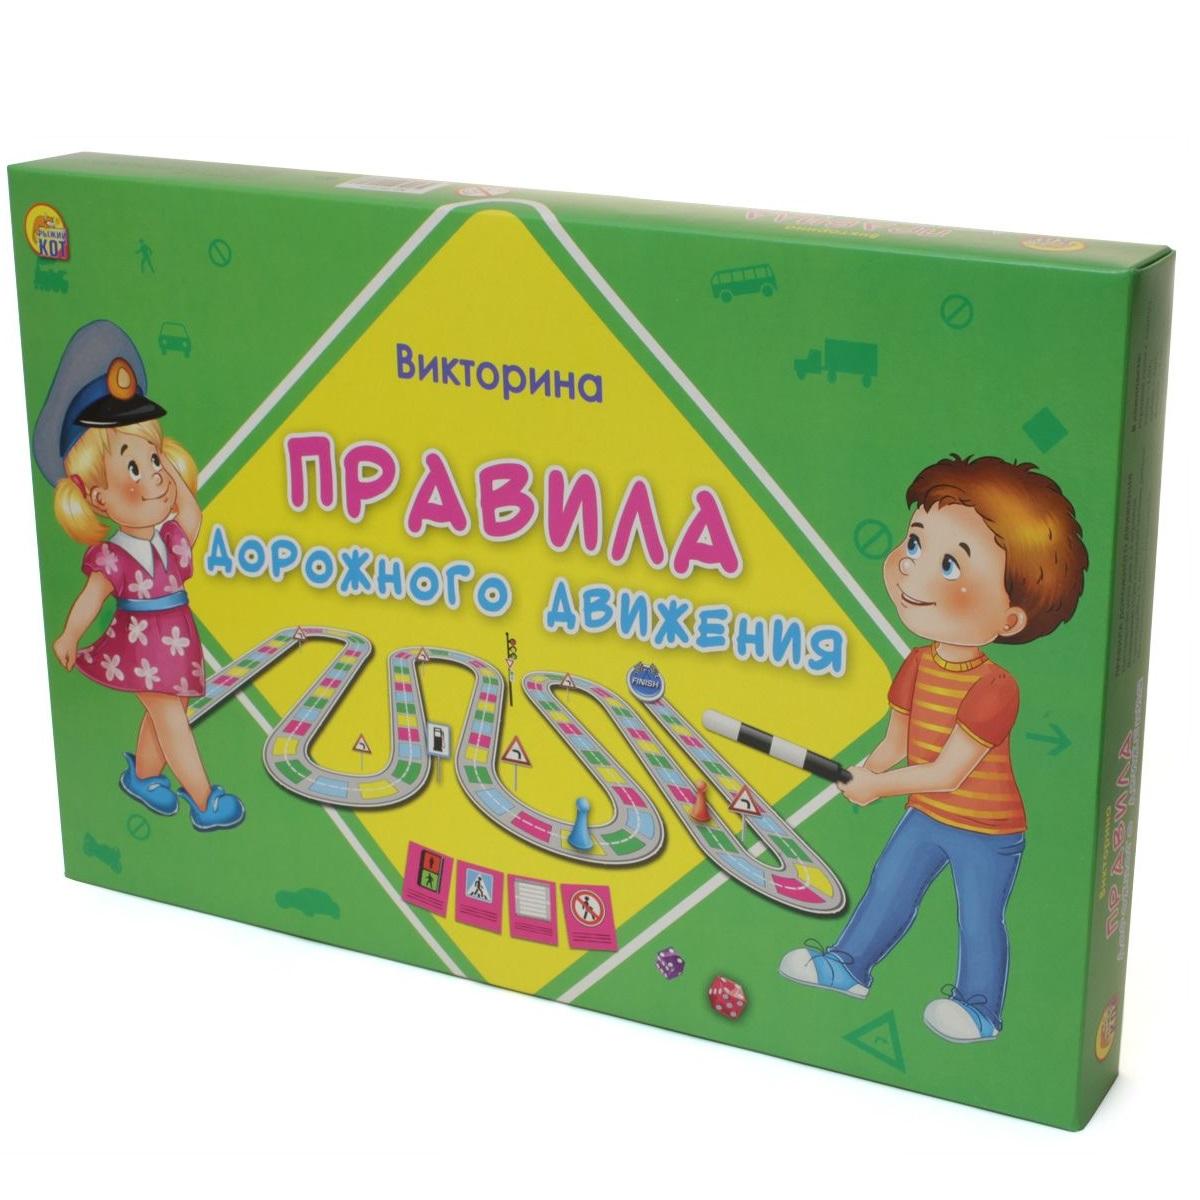 Купить Настольная карточная игра - Викторина для малышей. Правила дорожного движения, Рыжий Кот